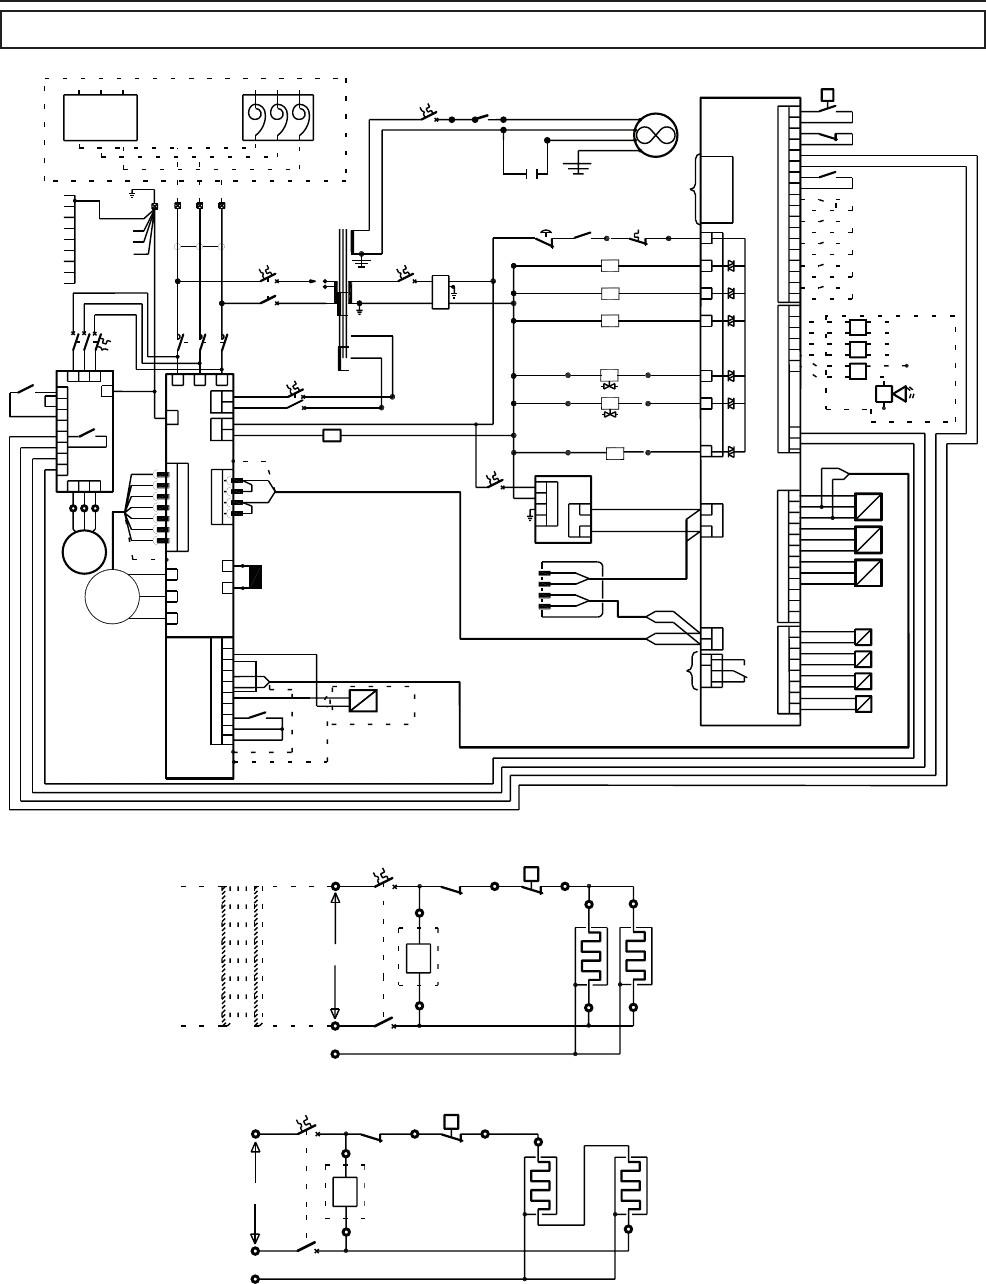 [SCHEMATICS_43NM]  A7719 Ingersoll Rand P185 Wiring Diagram | Digital Resources | Ingersoll Rand P185 Wiring Diagram |  | Digital Resources